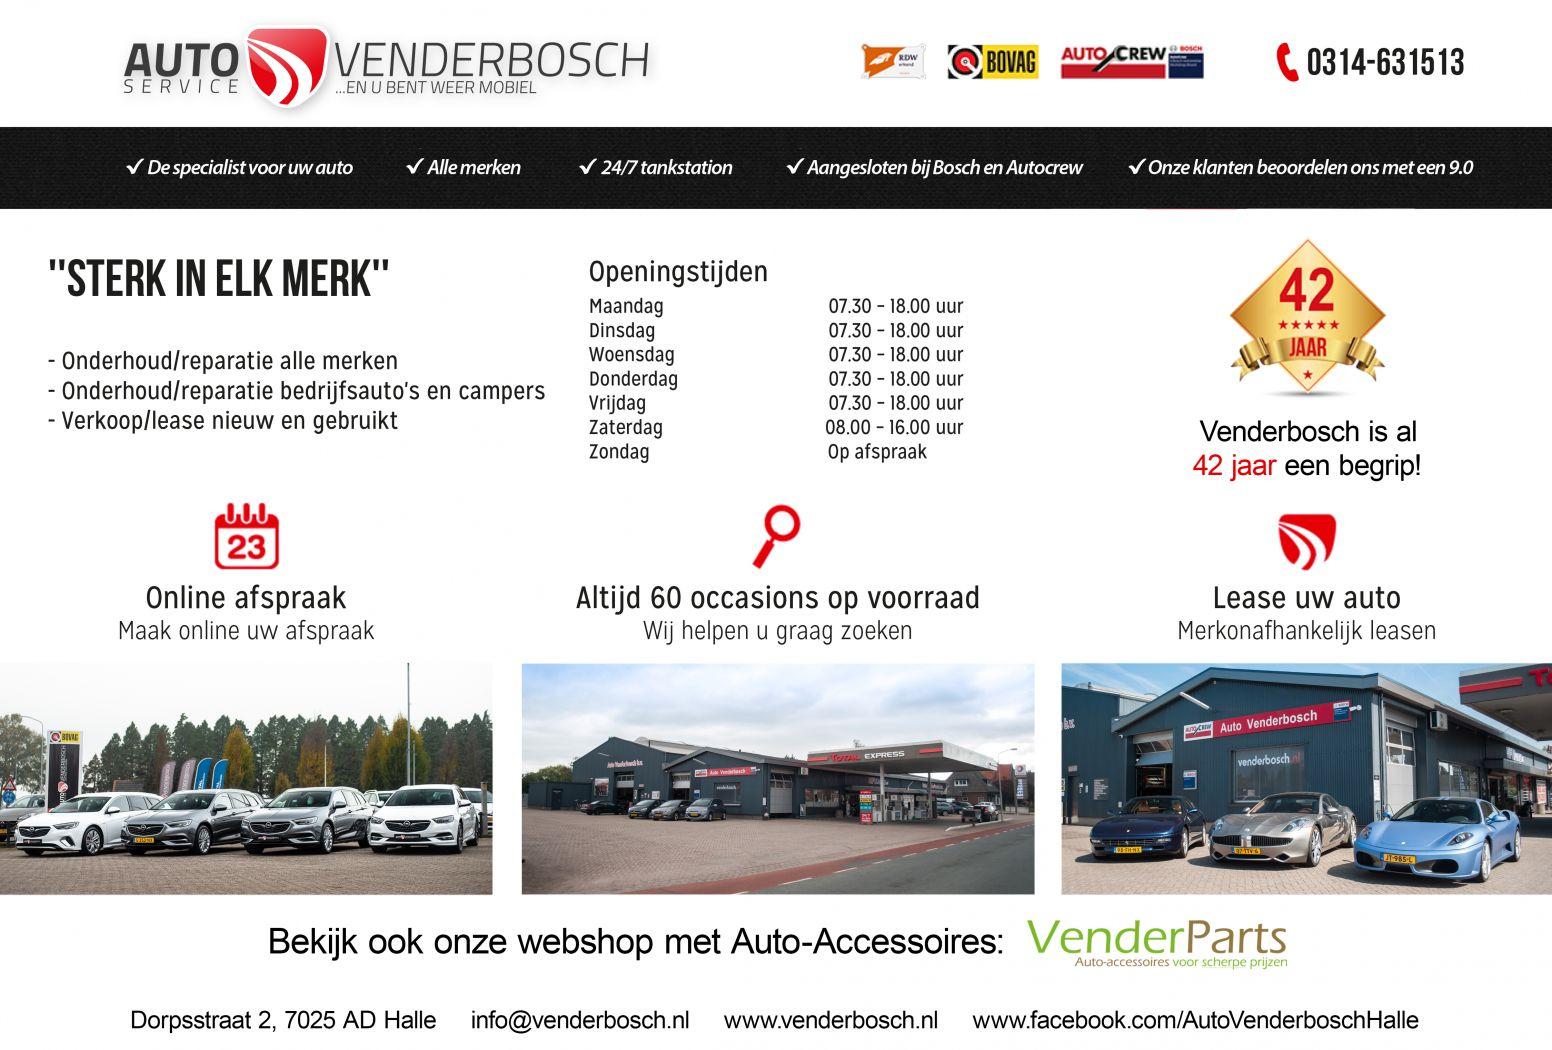 Garage Venderbosch